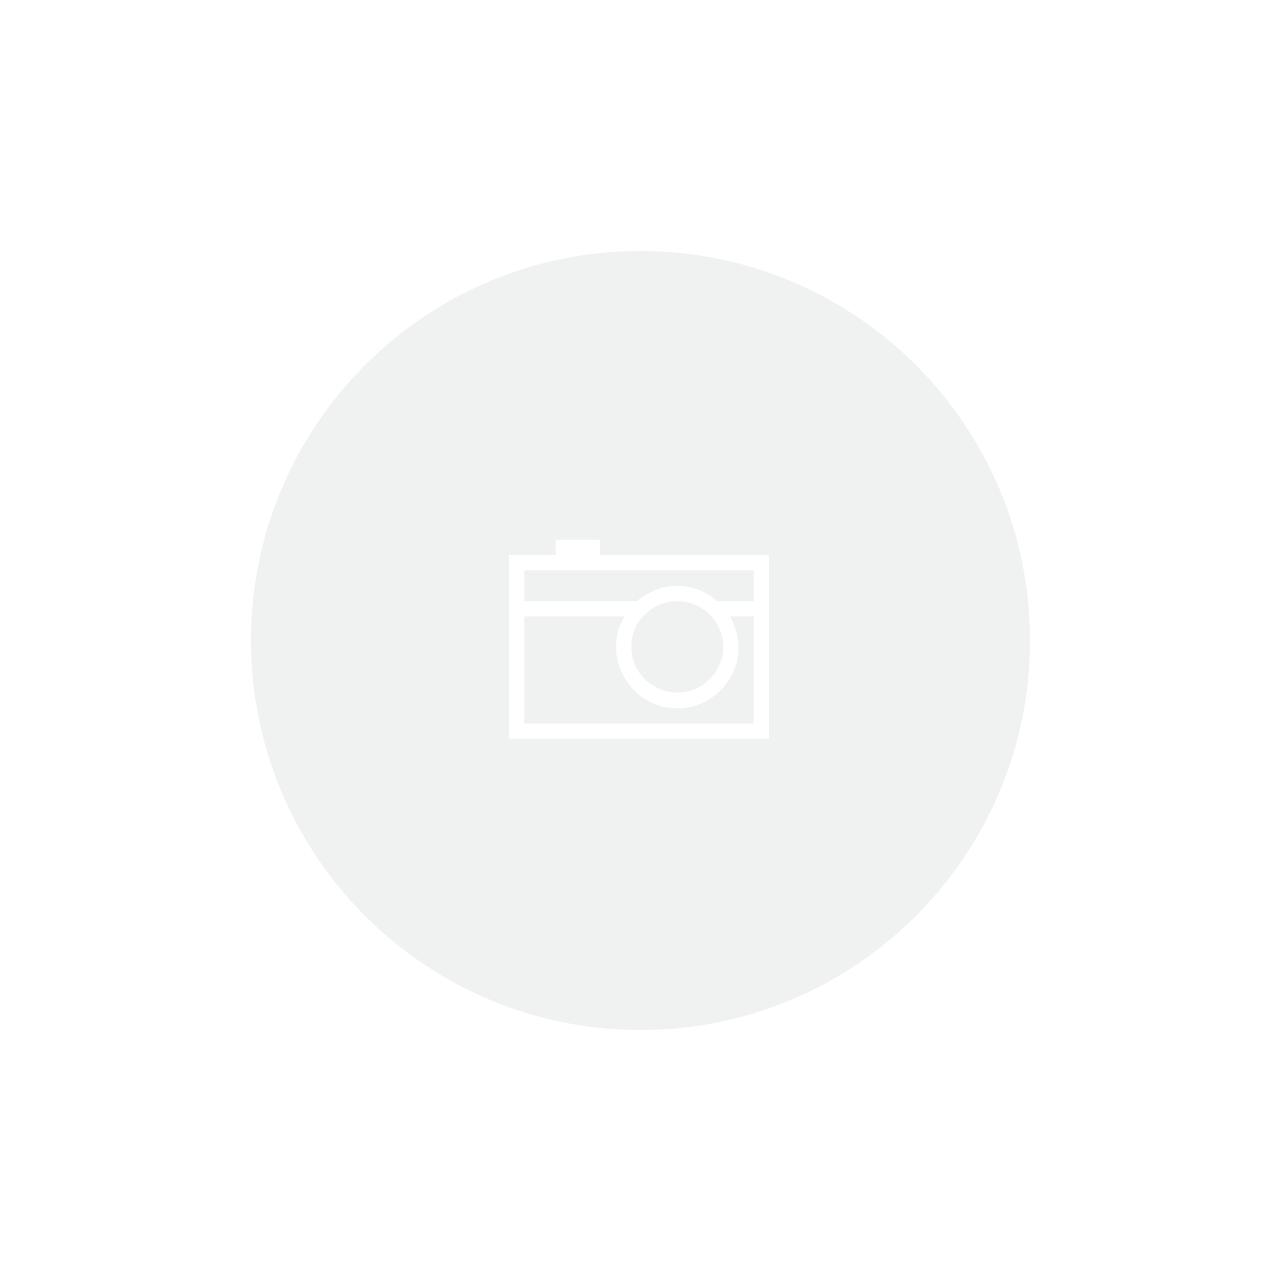 Impermeabilizante Acrílico Branco 2x3,6 Litros